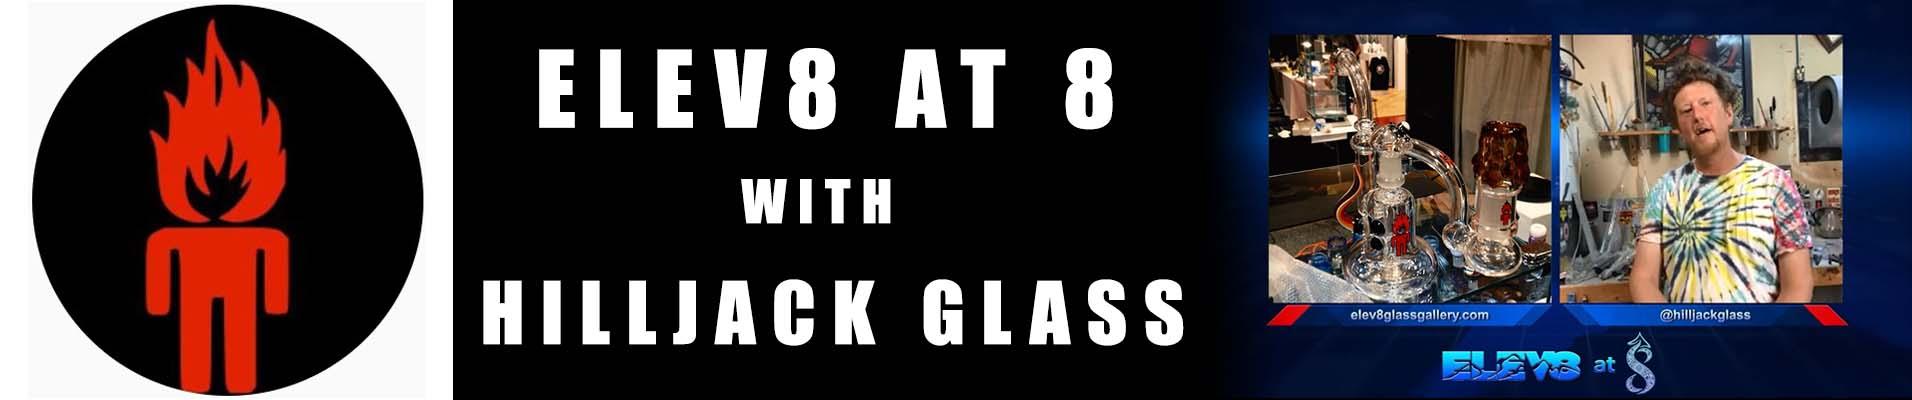 hilljack-glass-elev8-at-8-banner.jpg